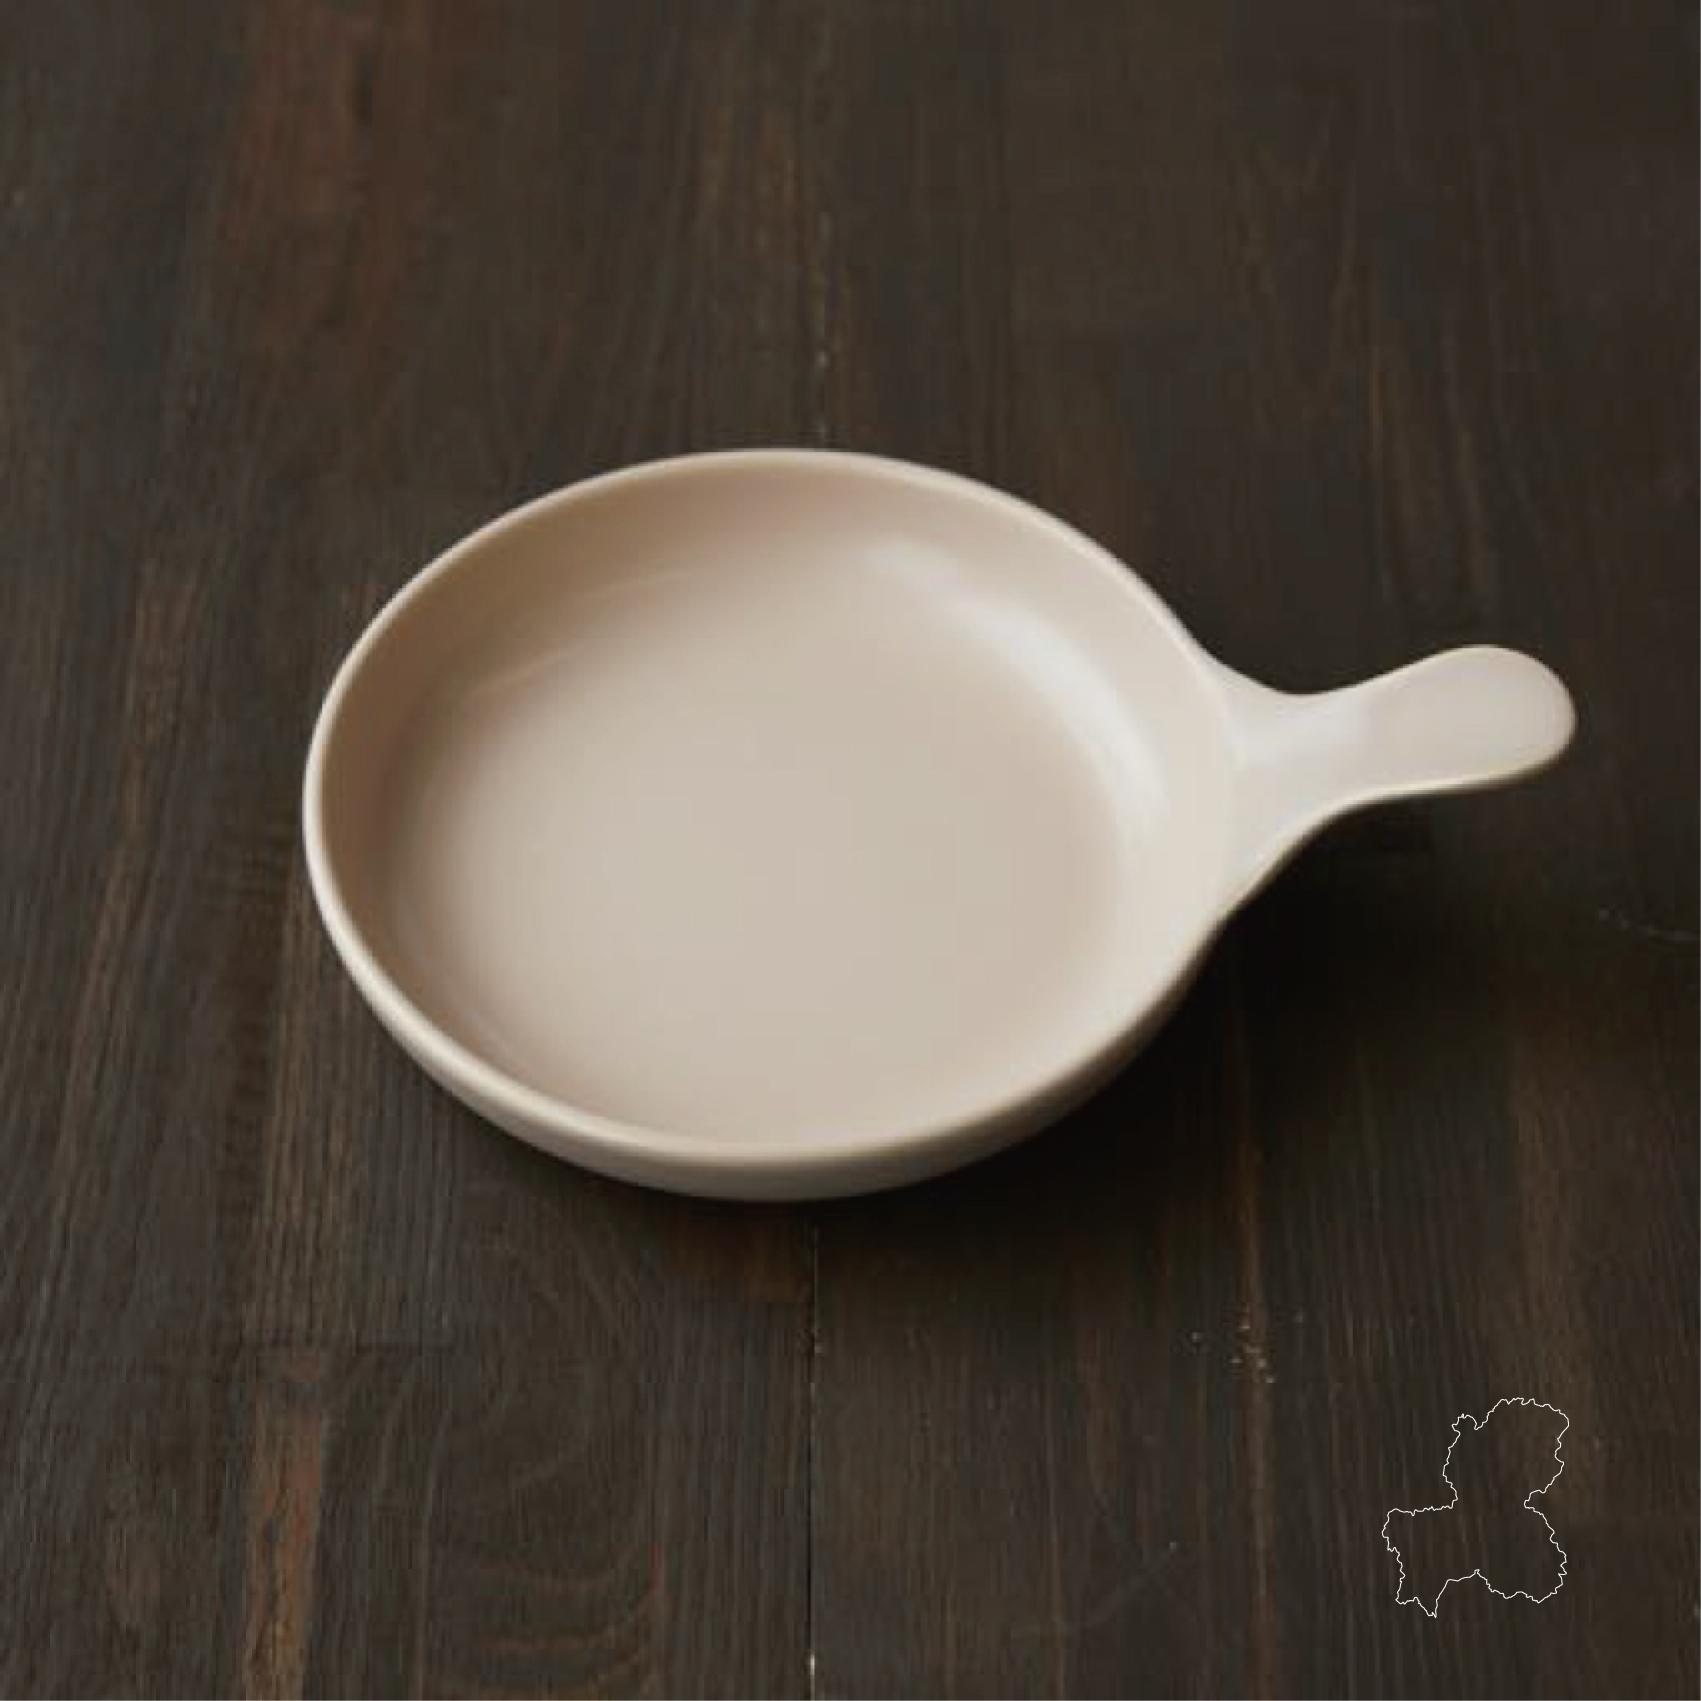 (美濃焼) 耐熱陶器のフライパンプレートS <GIFU>